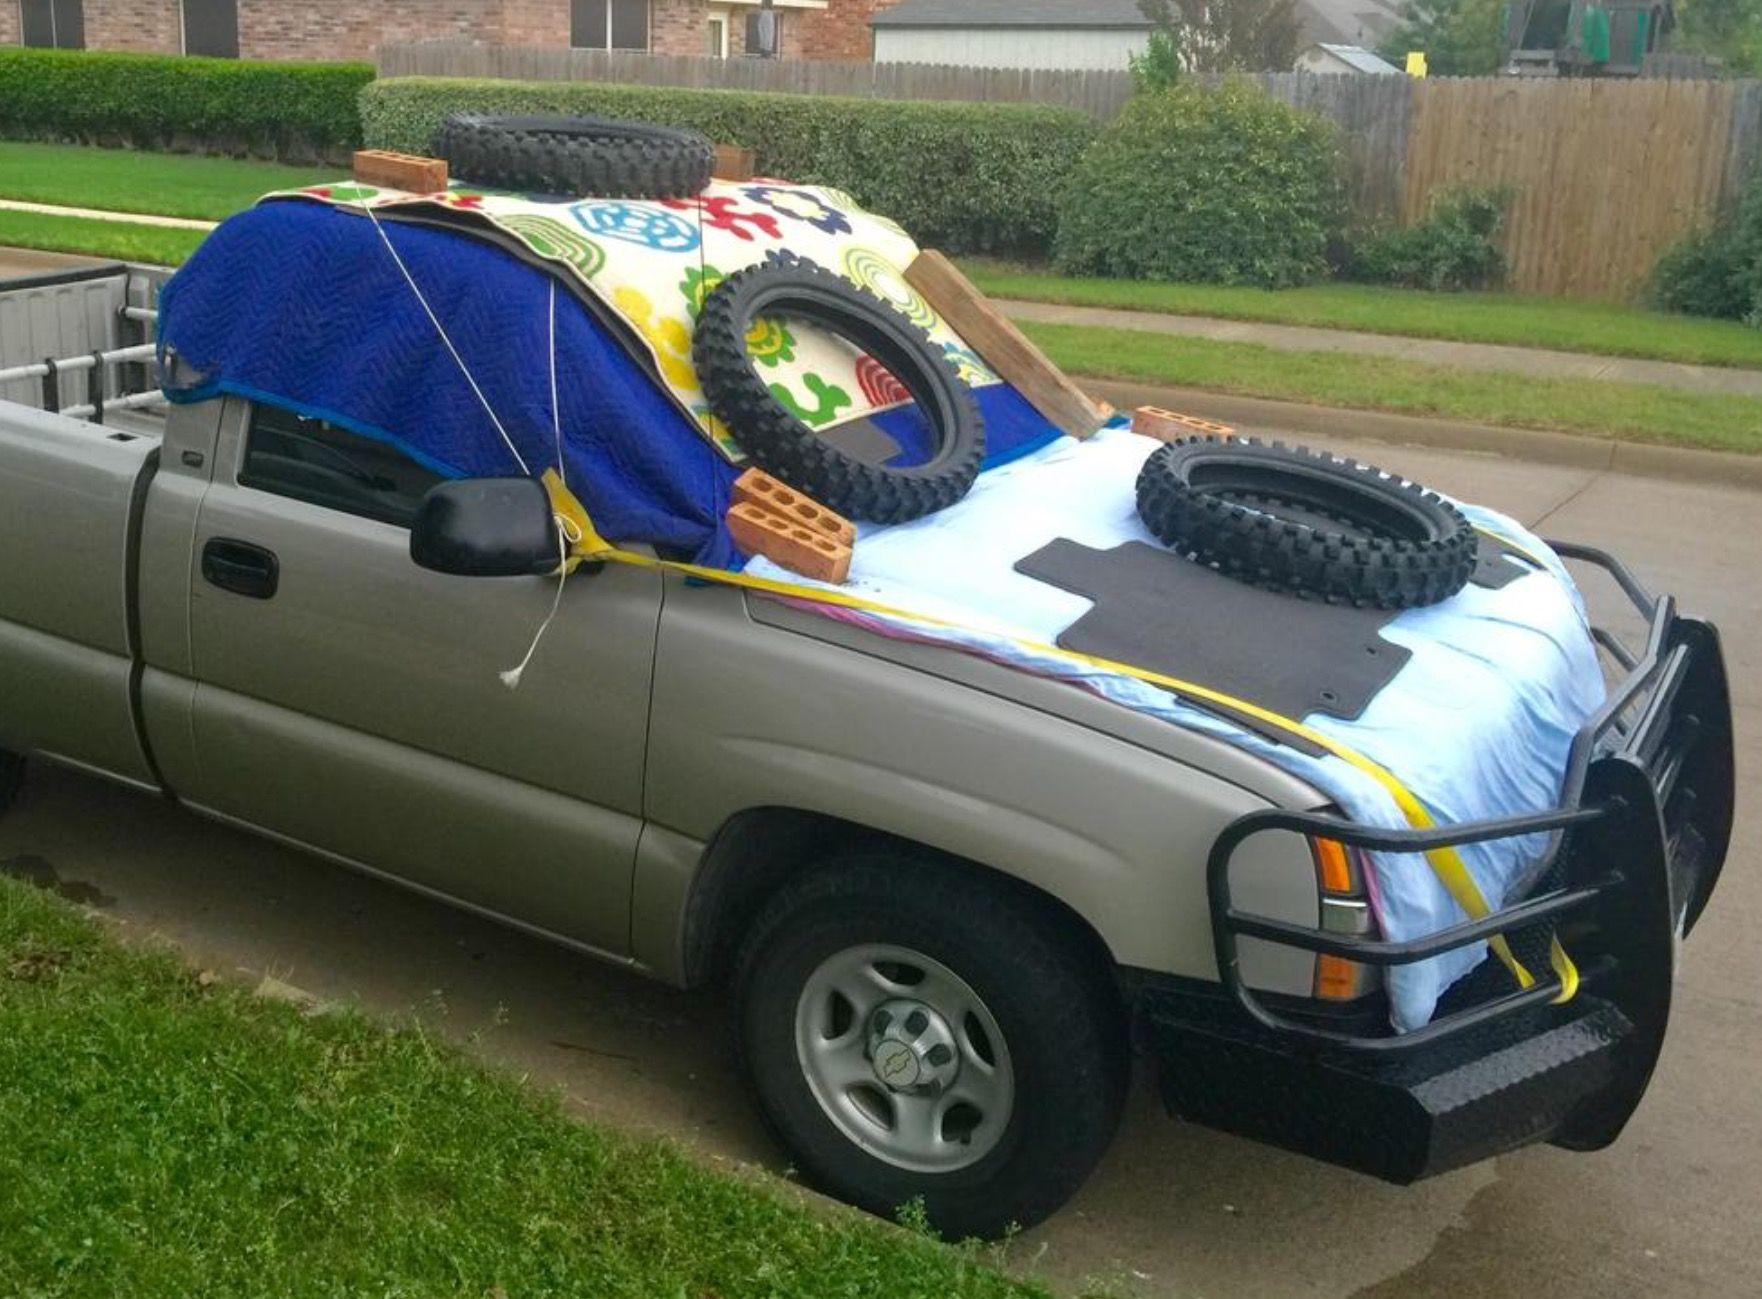 Texas hail damage prevention toy car monster trucks